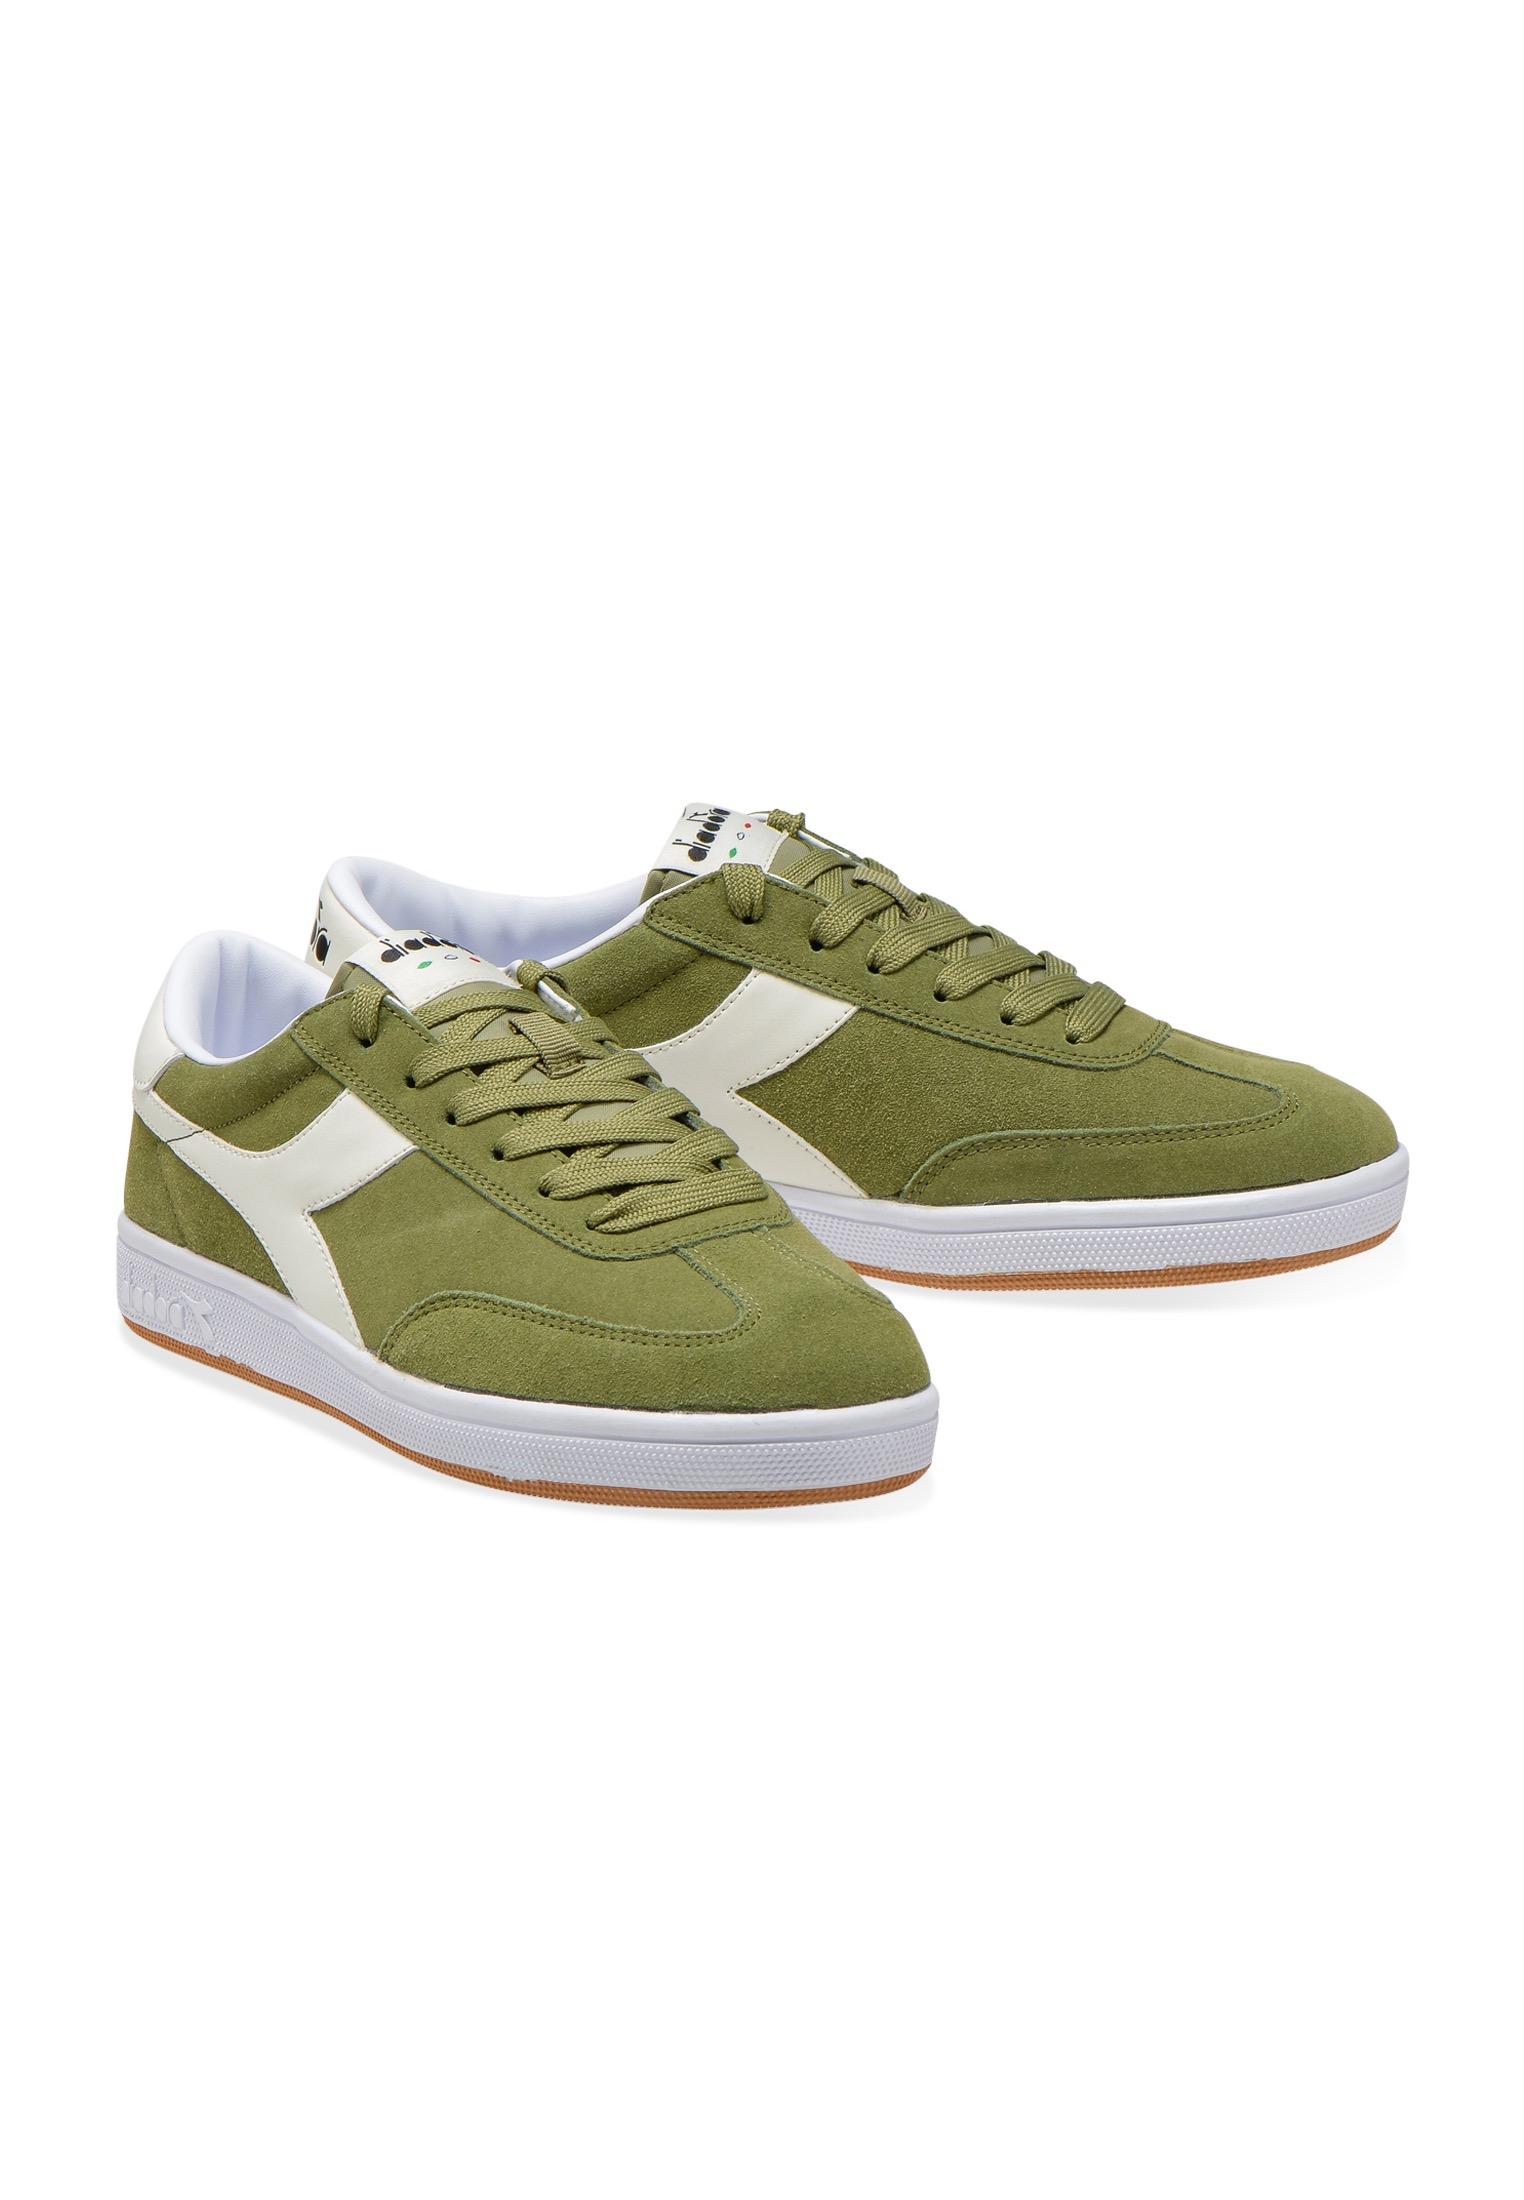 miniatura 5 - Diadora - Sneakers FIELD per uomo e donna